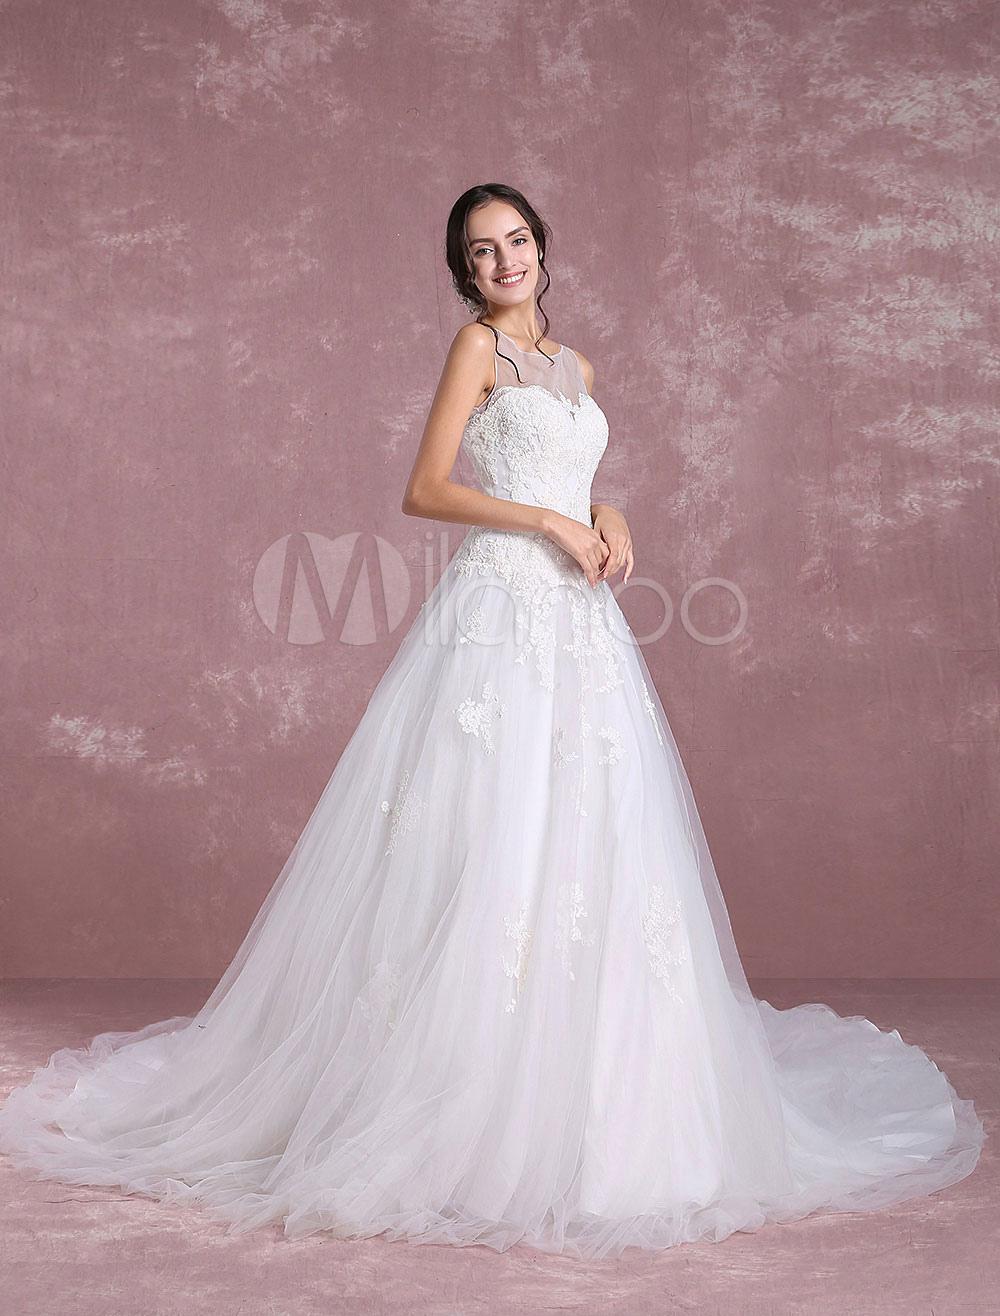 Tulle Hochzeitskleid Elfenbein Brautkleid Schatz Illusion Spitze ...